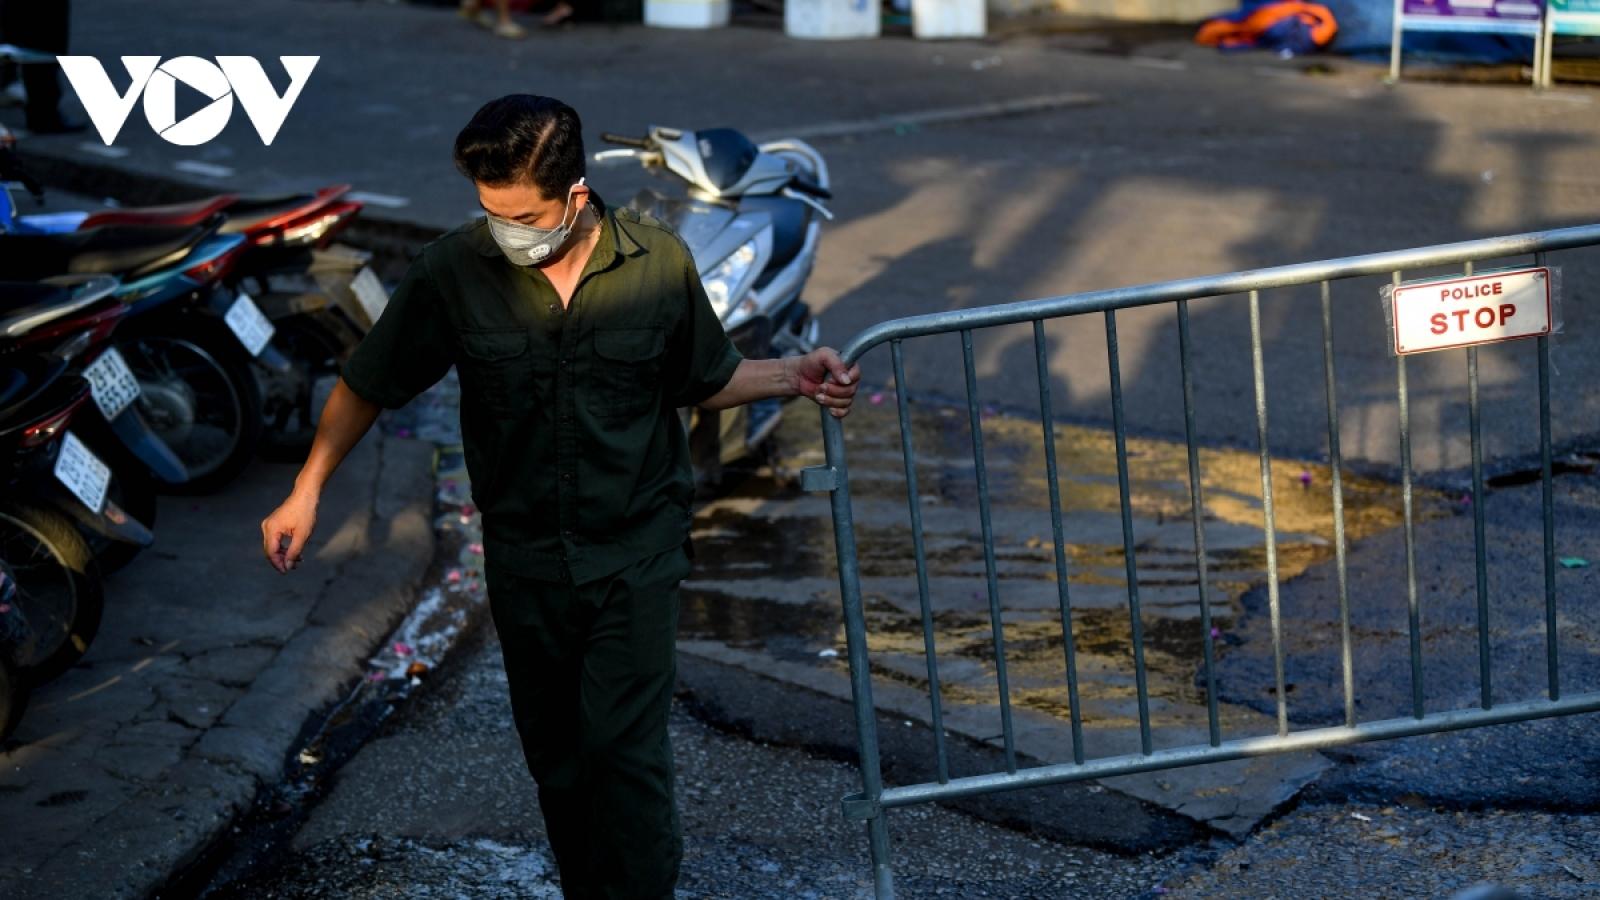 Ngày 23/9, Việt Nam ghi nhận 9.472 ca mắcCOVID-19 mới, 236 ca tử vong